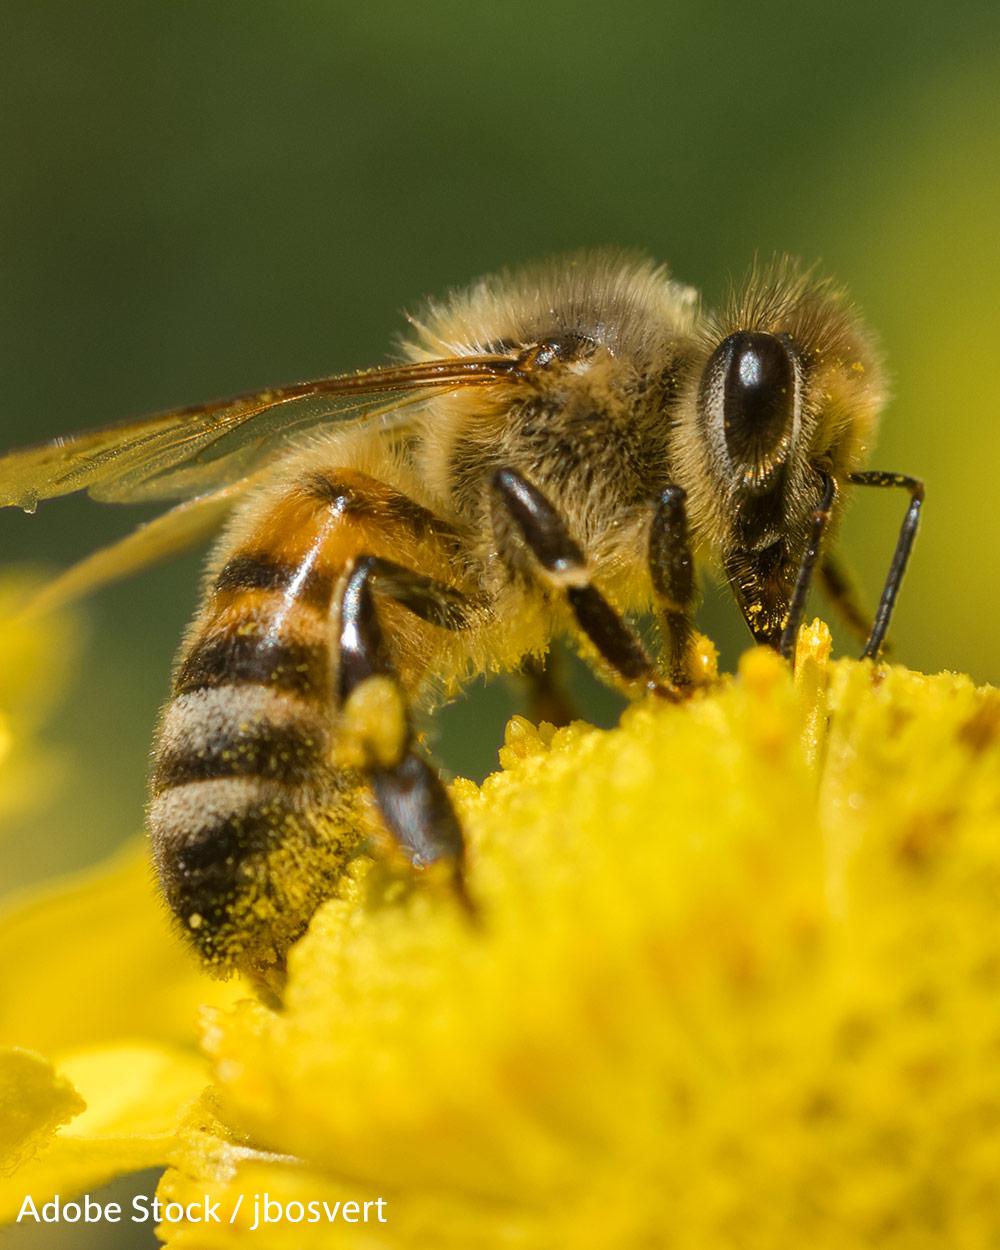 Help us save Earth's honeybees!